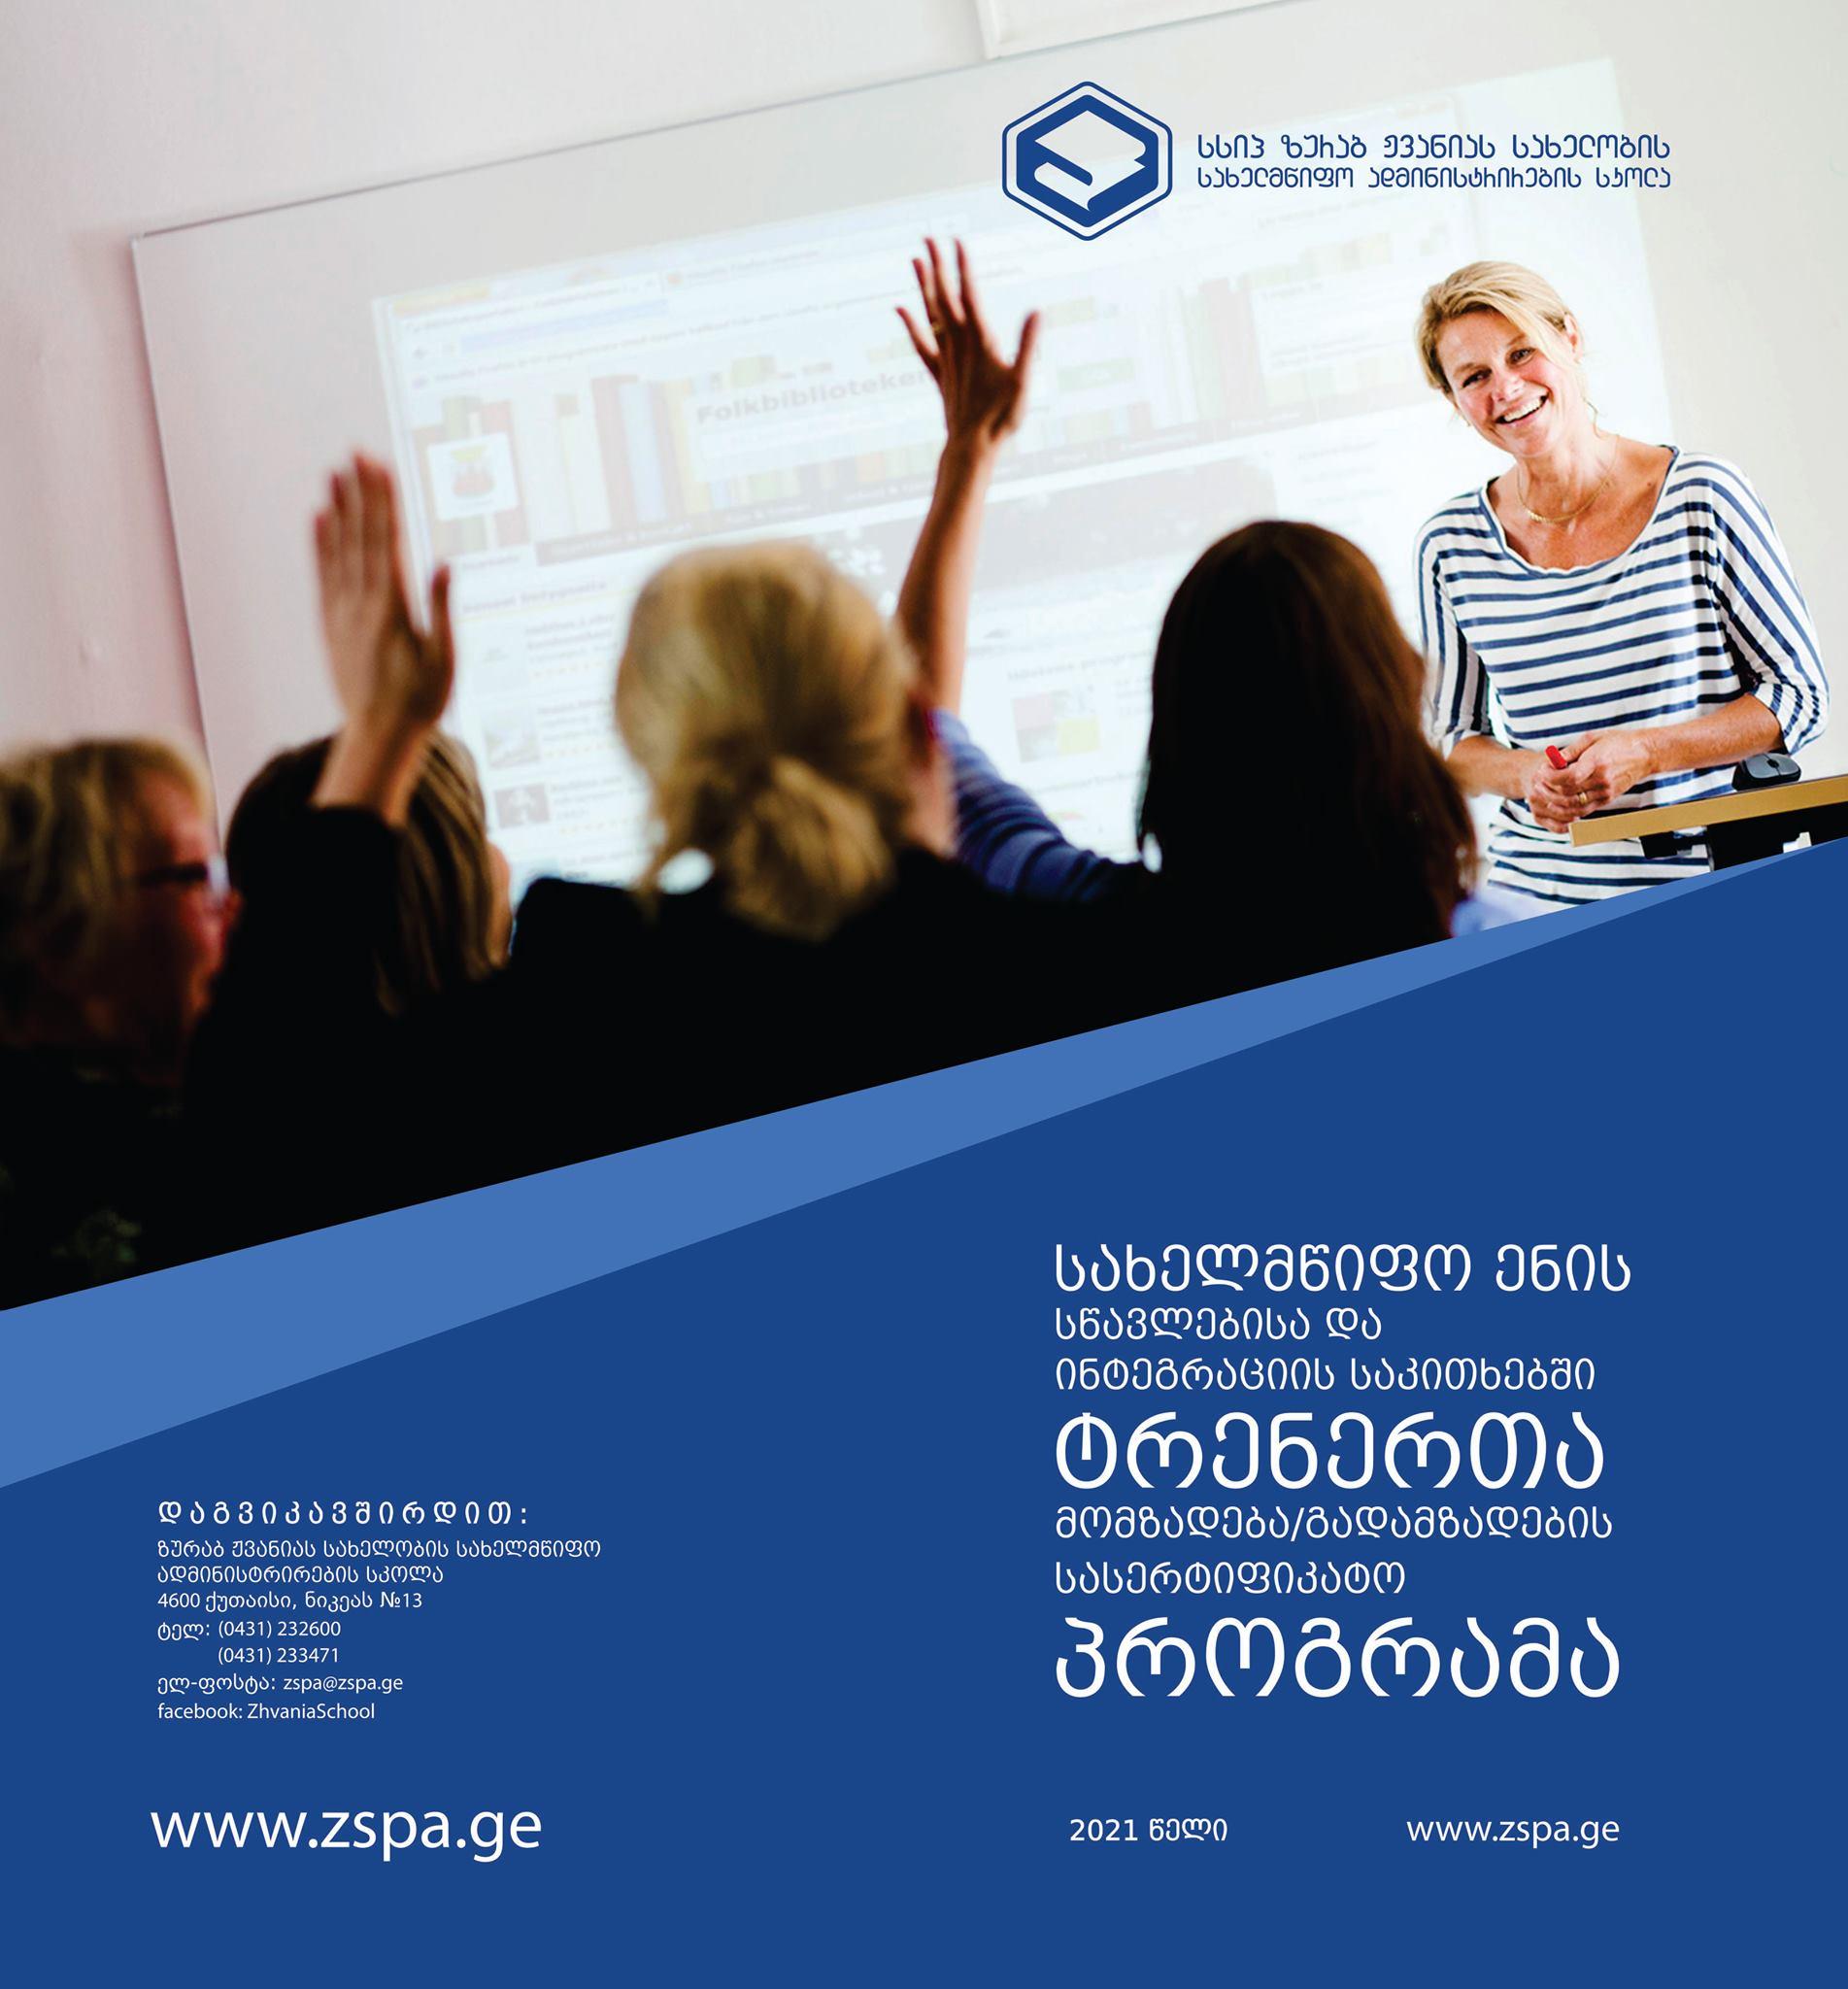 სახელმწიფო ენის სწავლებისა და ინტეგრაციის საკითხებში ტრენერთა მომზადება/გადამზადების სასერტიფიკატო პროგრამაზე რეგისტრაცია გრძელდება